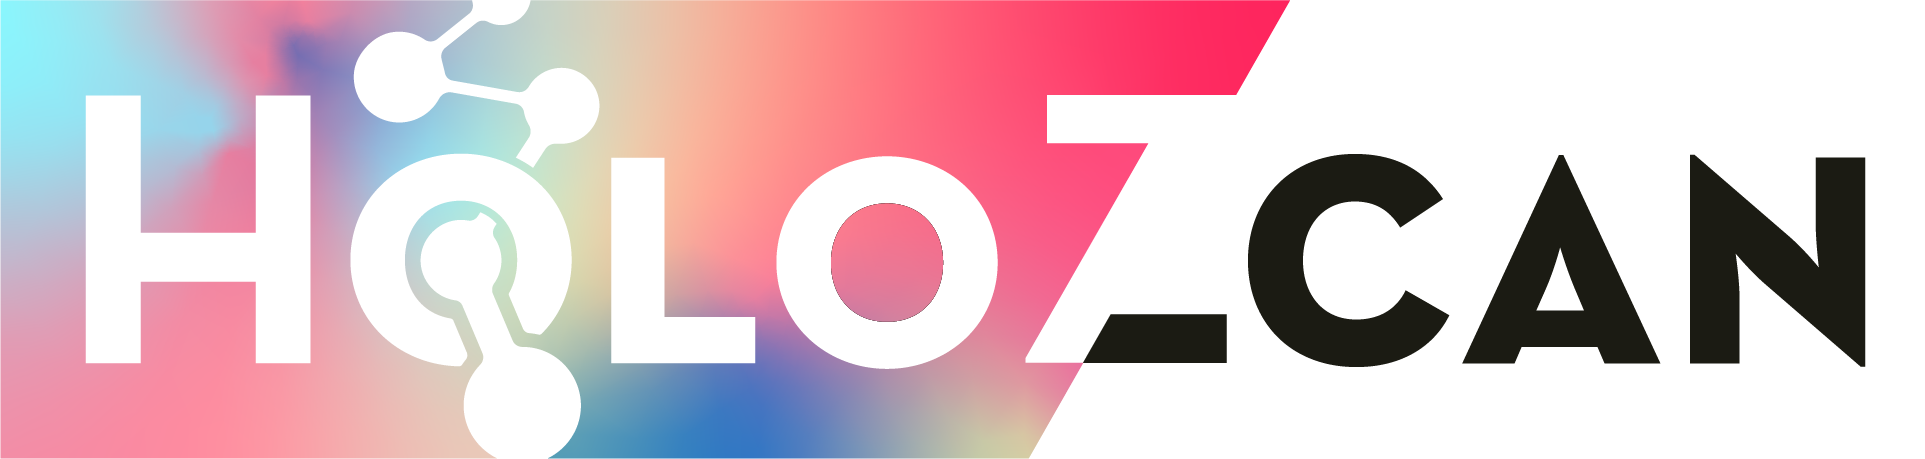 HOLOZCAN